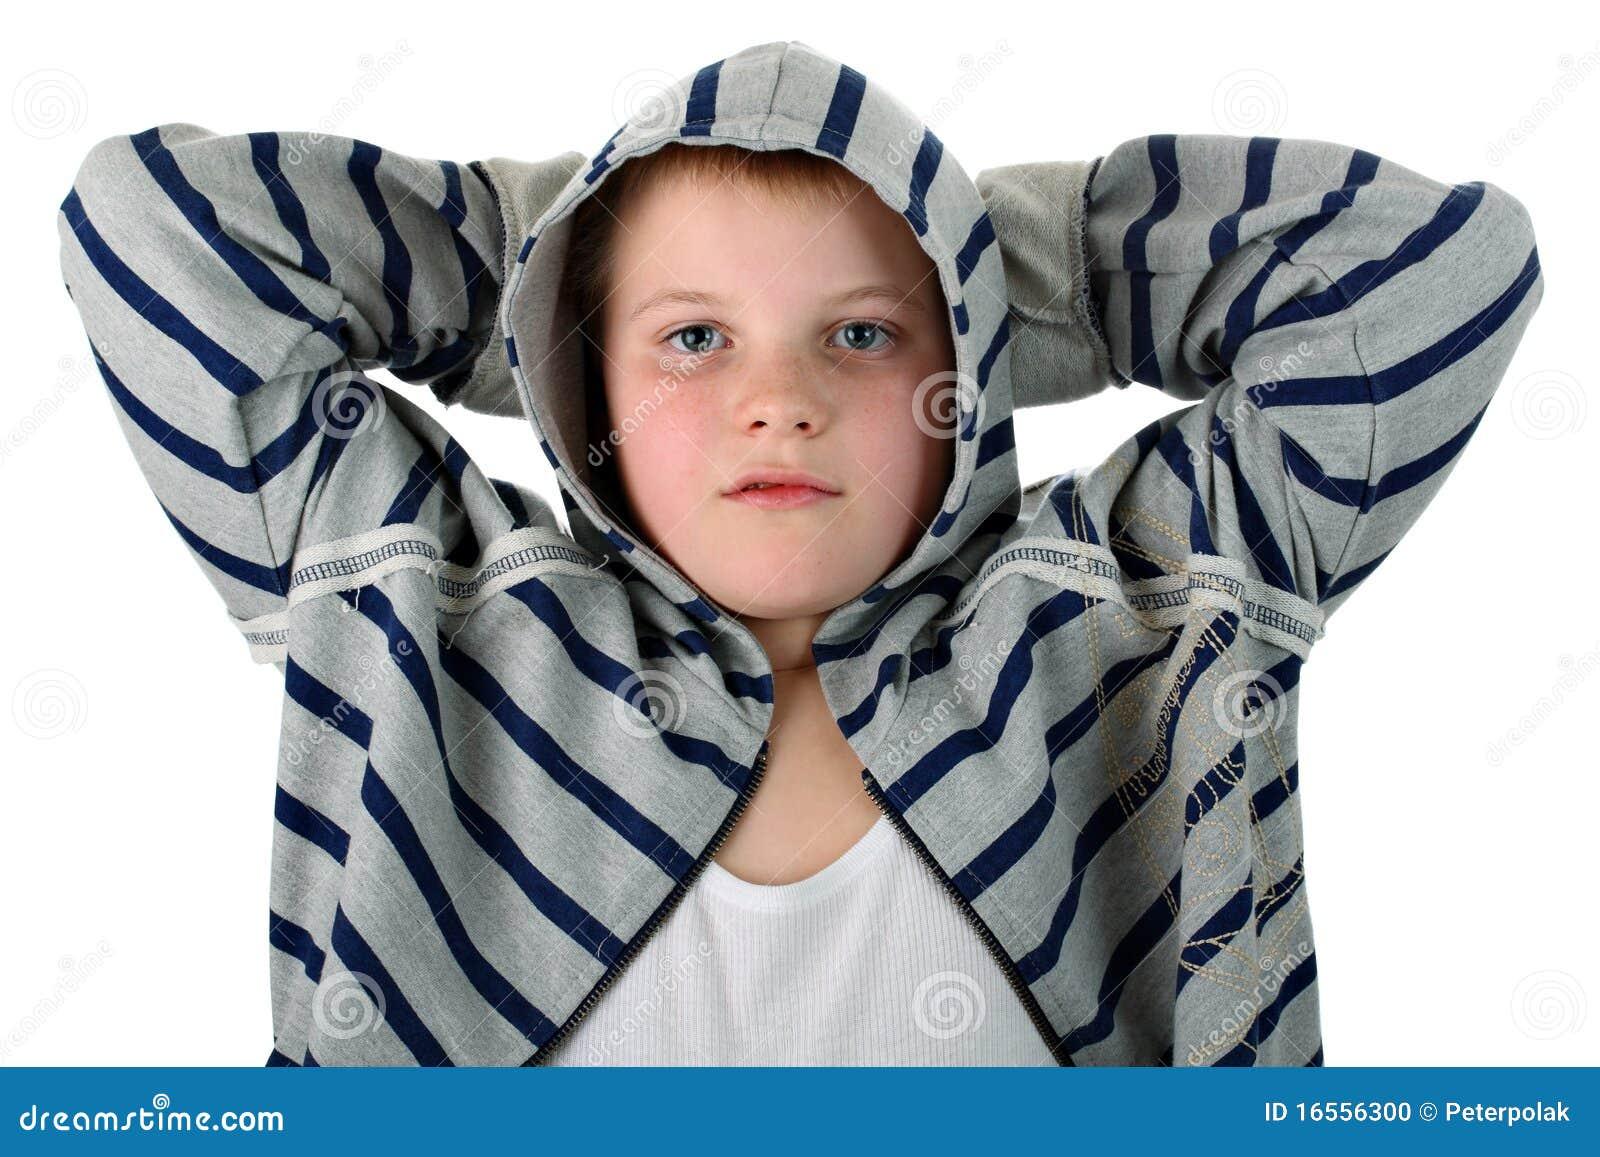 Eines jugendlichen jungen der irgendeinen sport trägt tragen mit